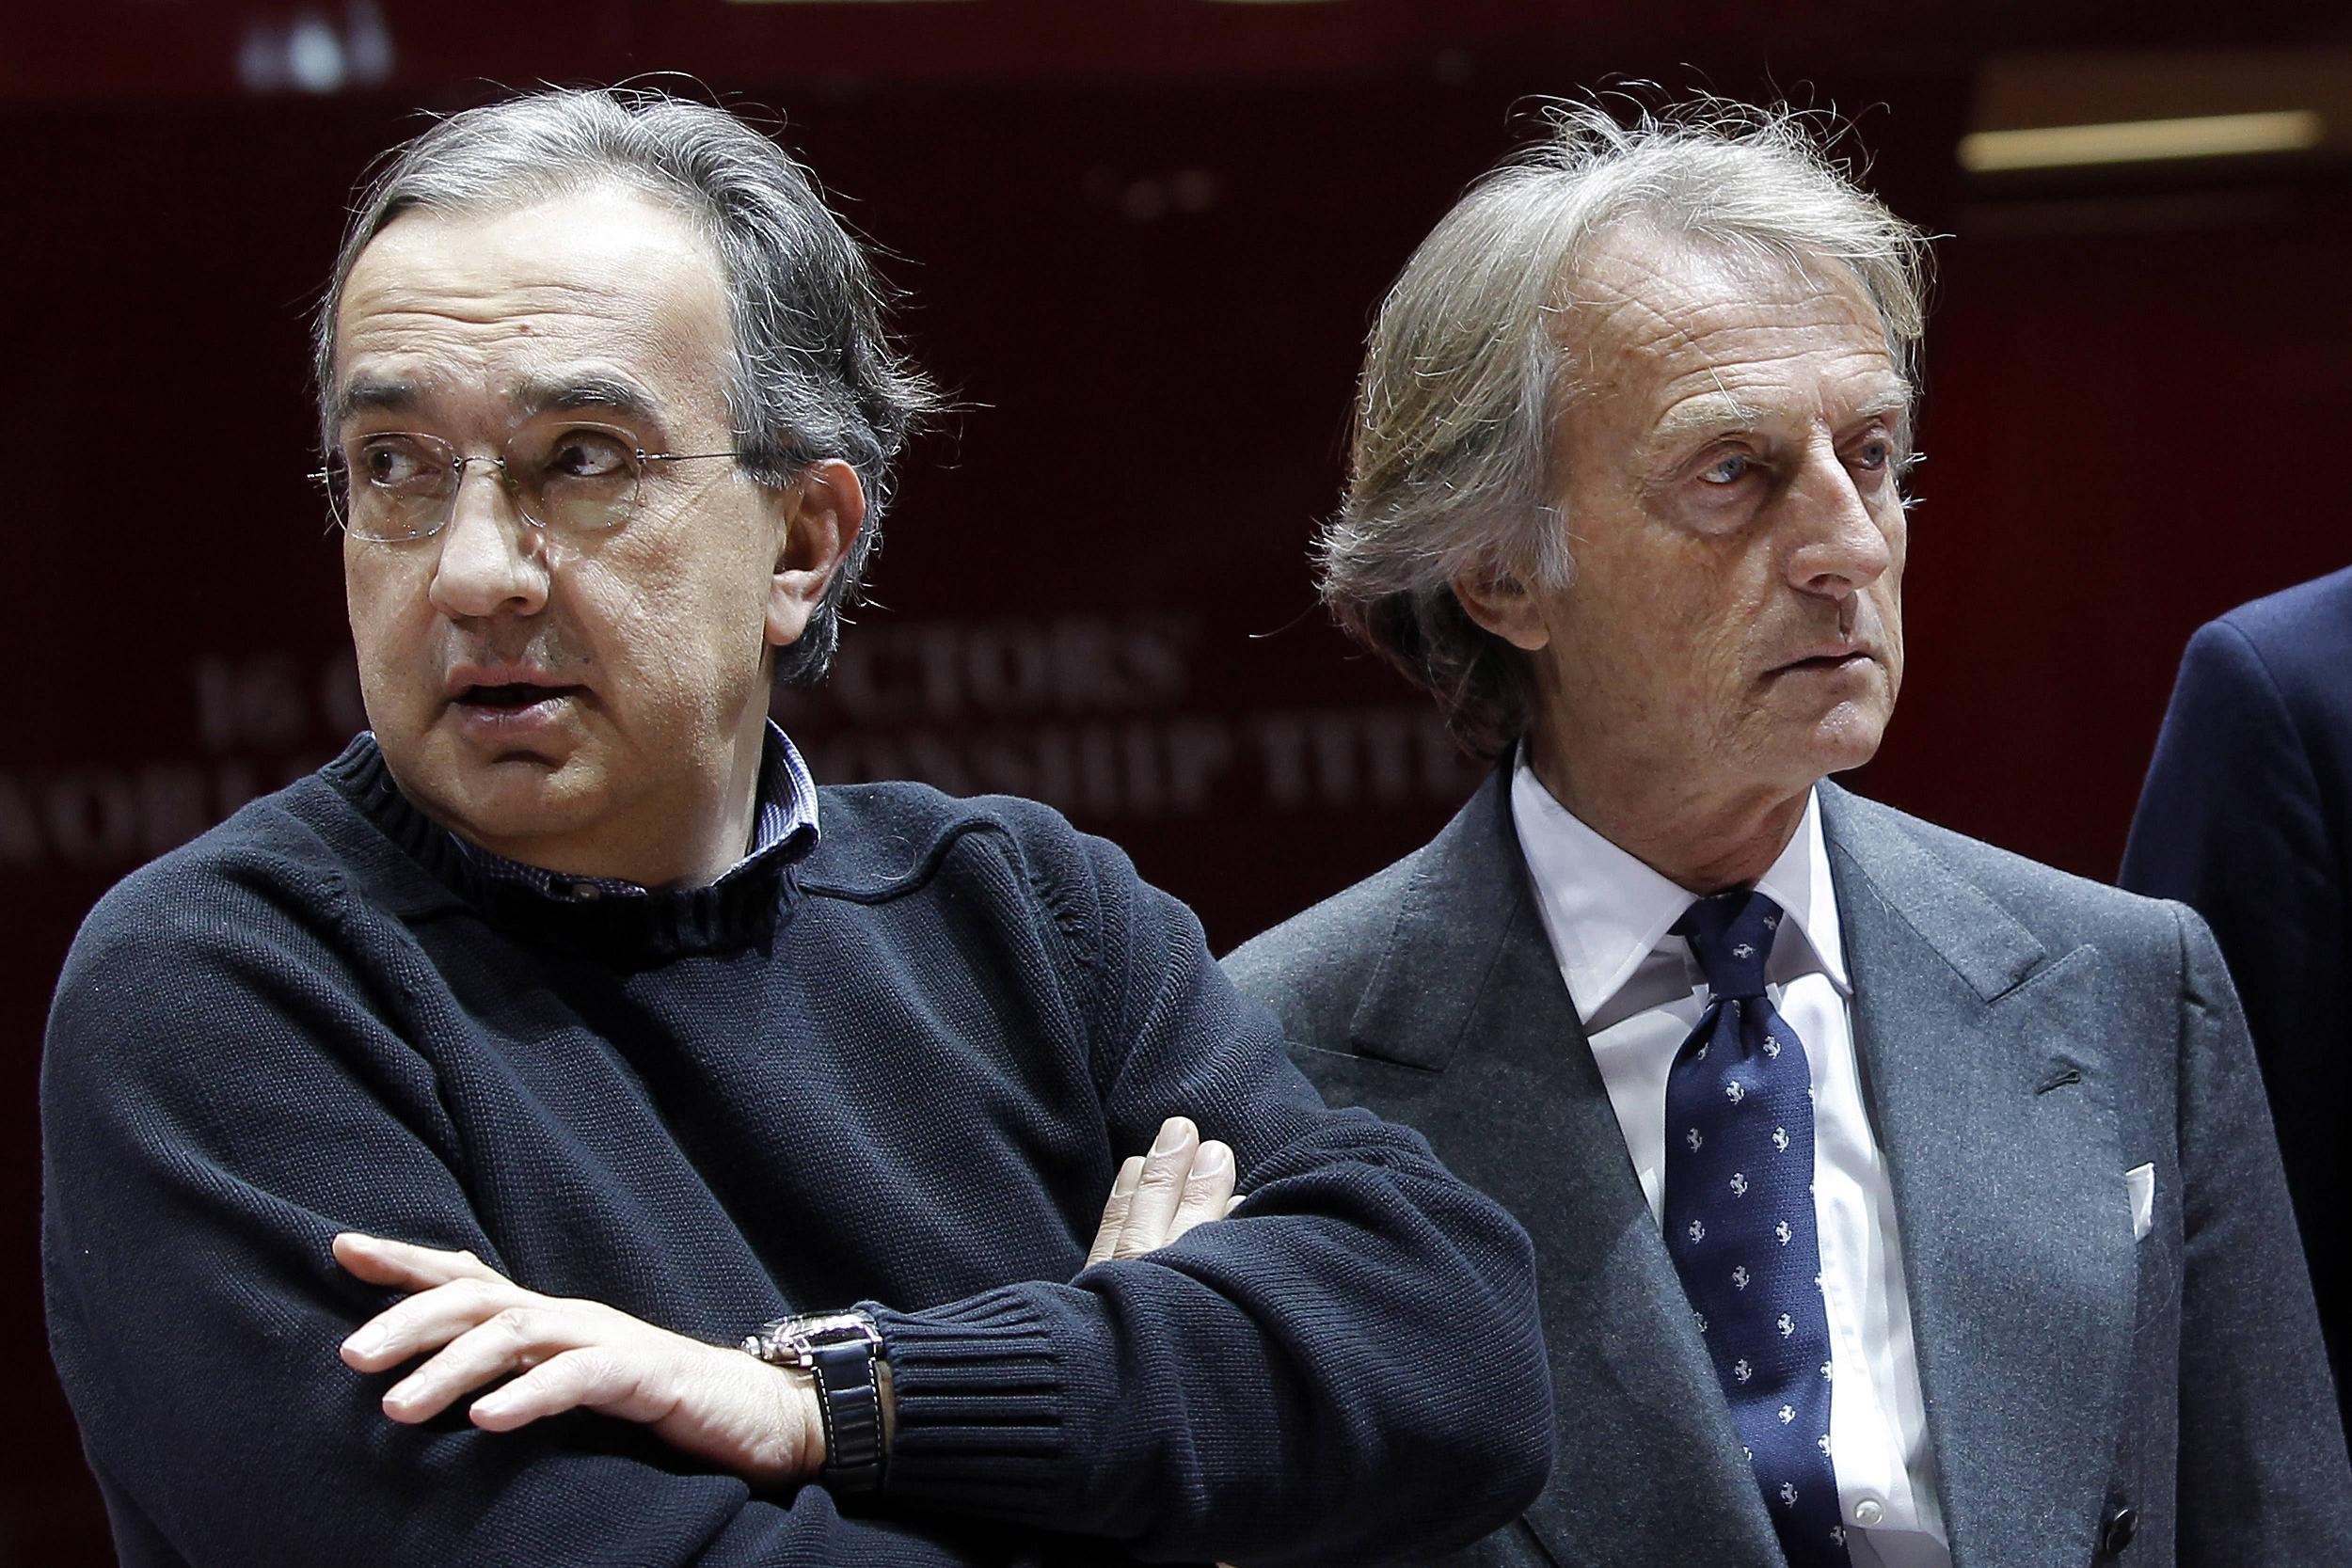 """מנכ""""ל פיאט, סרגיו מרקיונה (משמאל) (צילום: AP) (צילום: AP)"""